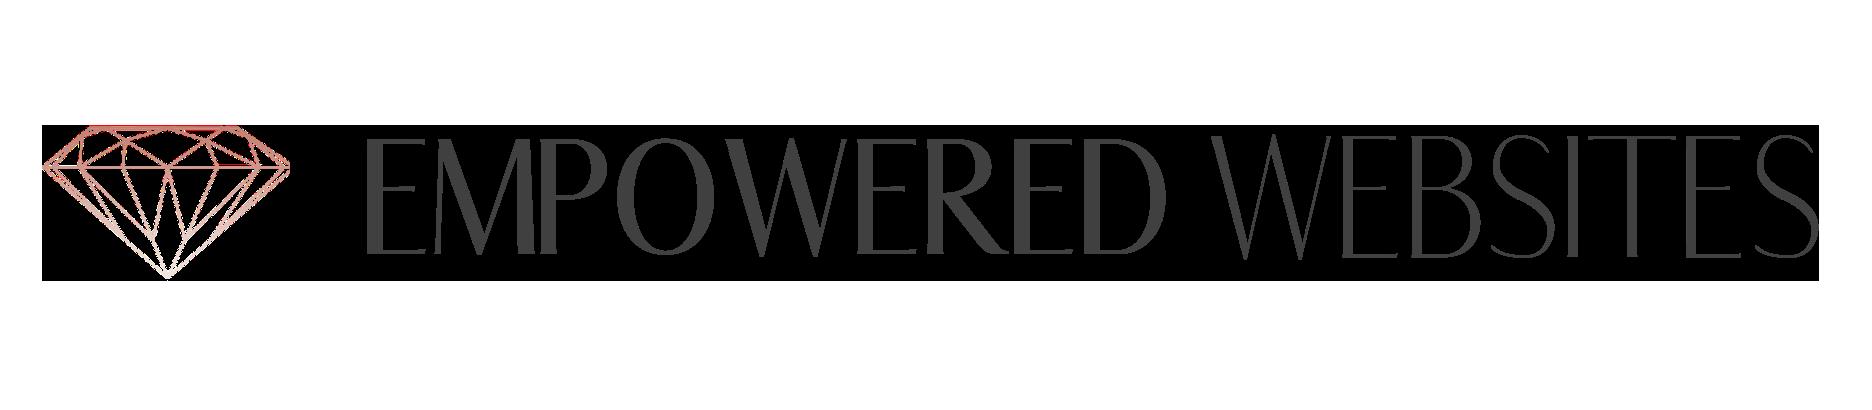 Empowered Websites